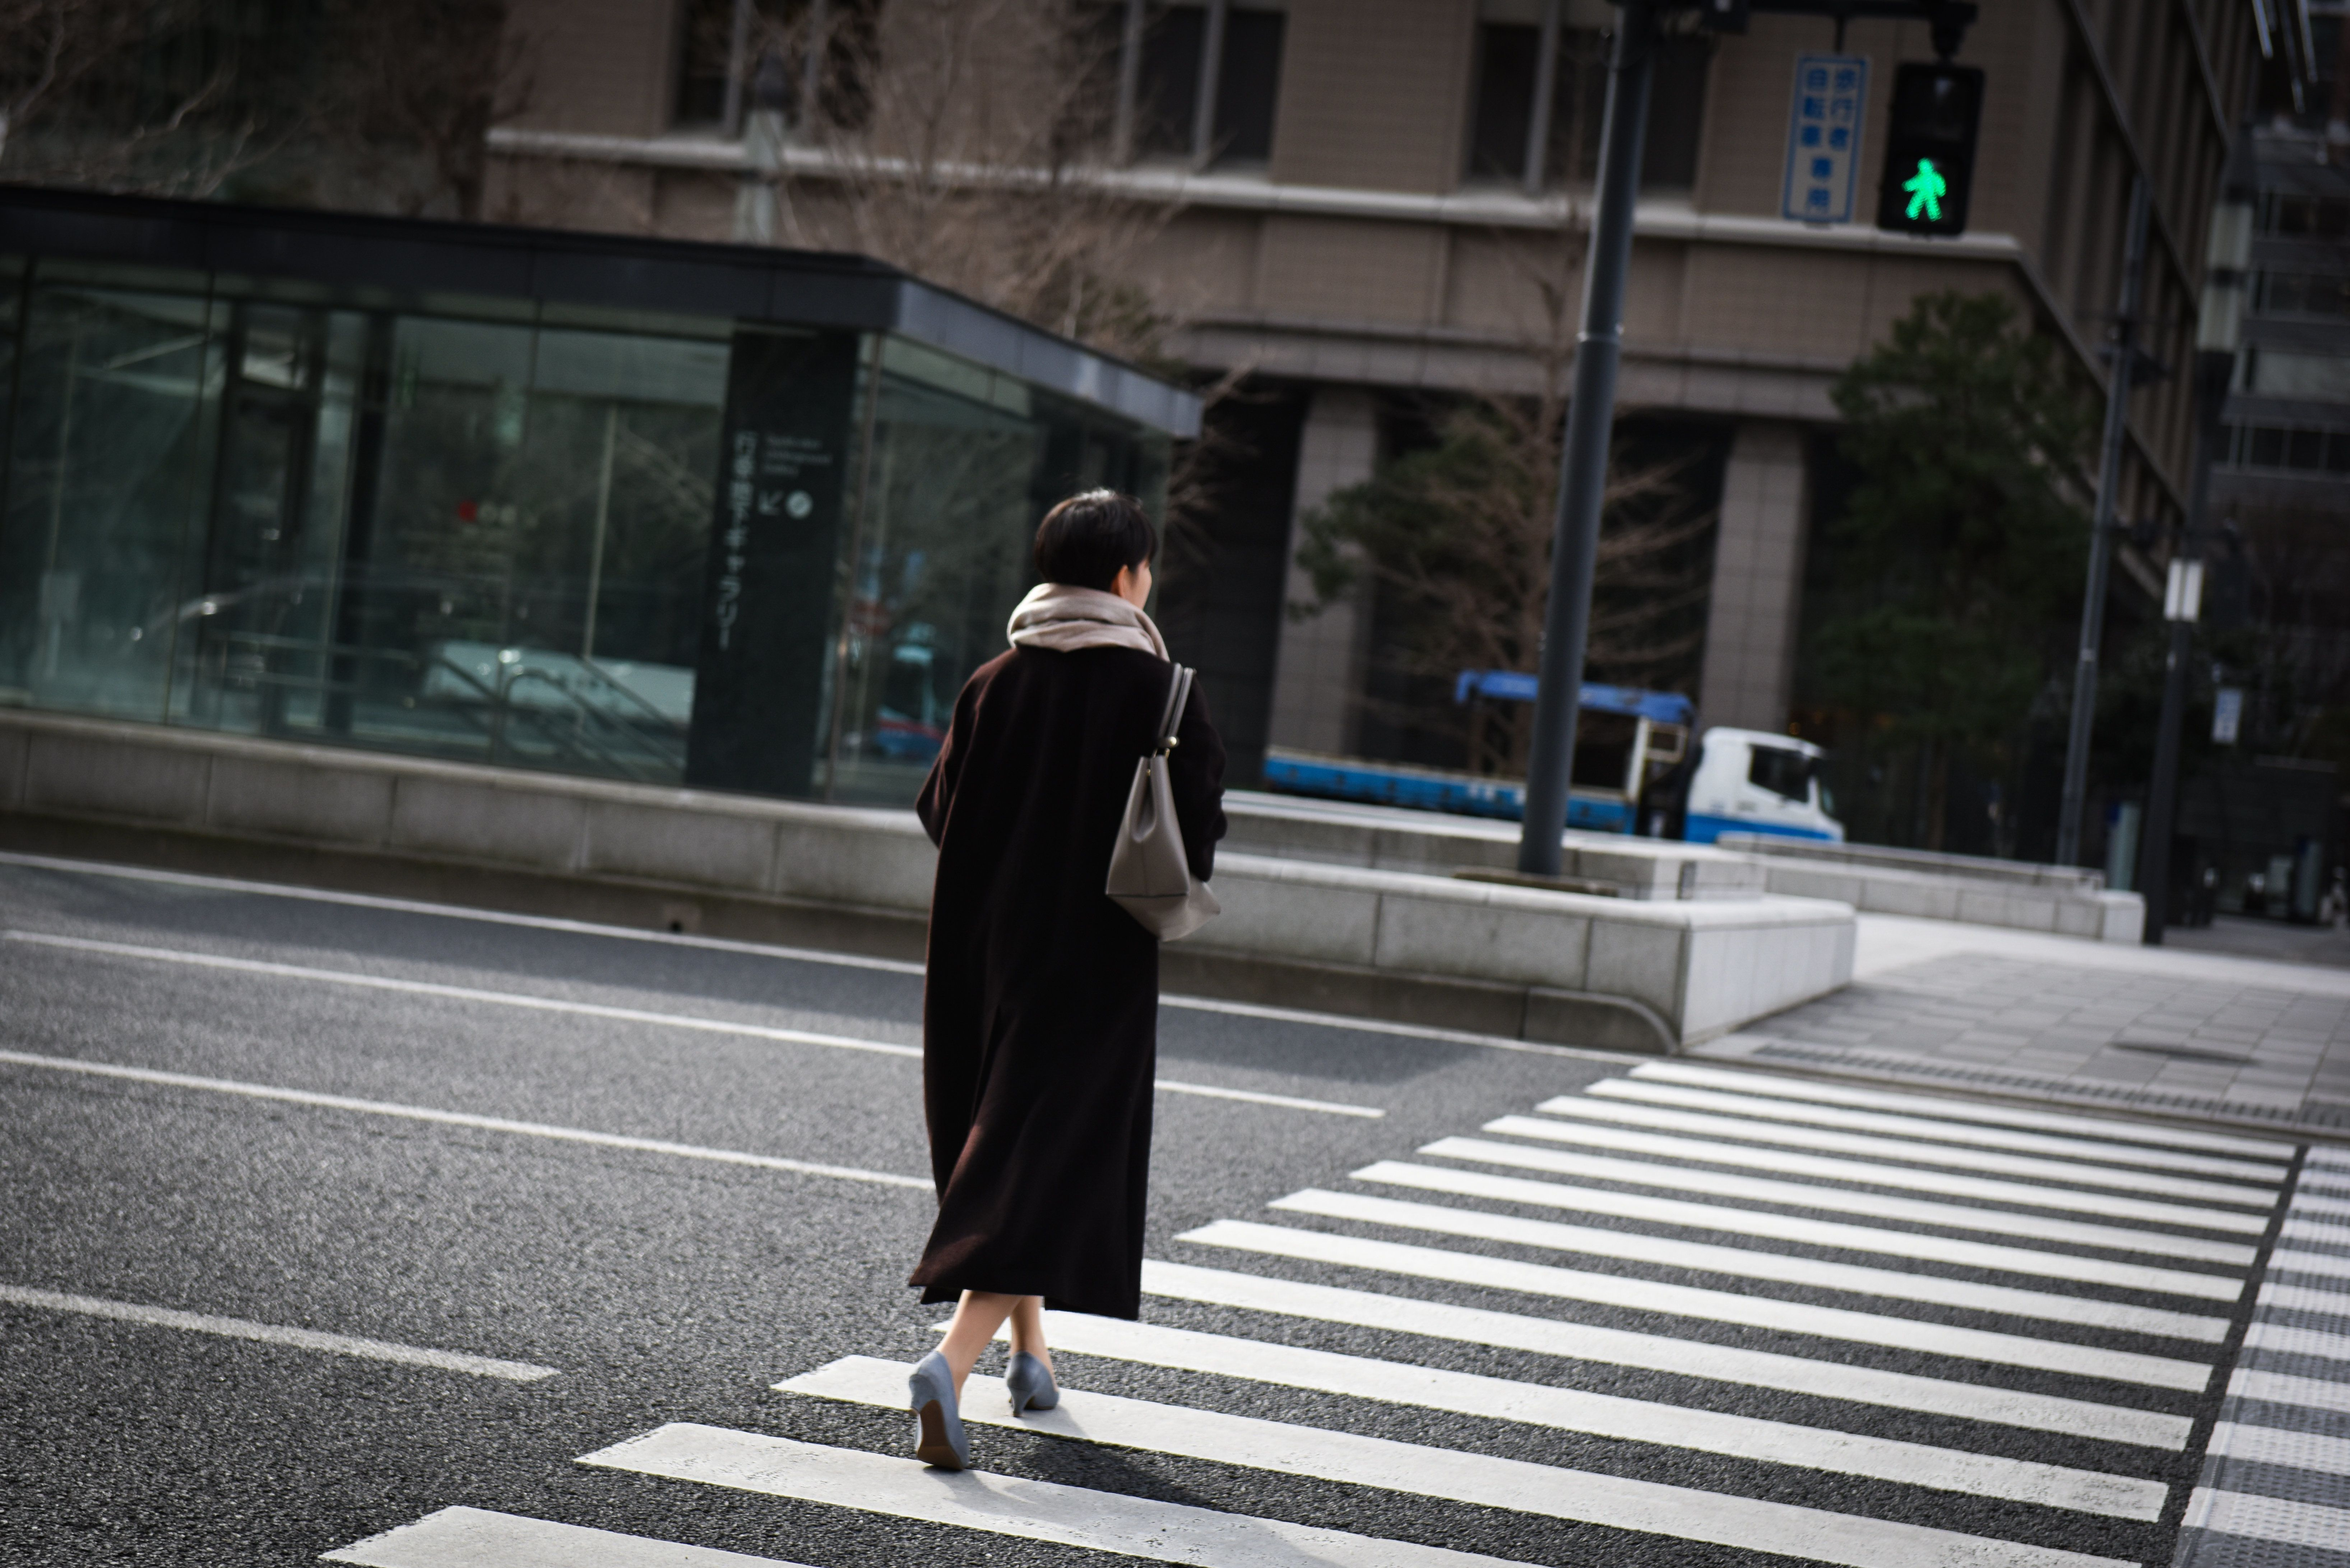 働く人の男女平等度、日本はG7最下位。世銀の調査で判明